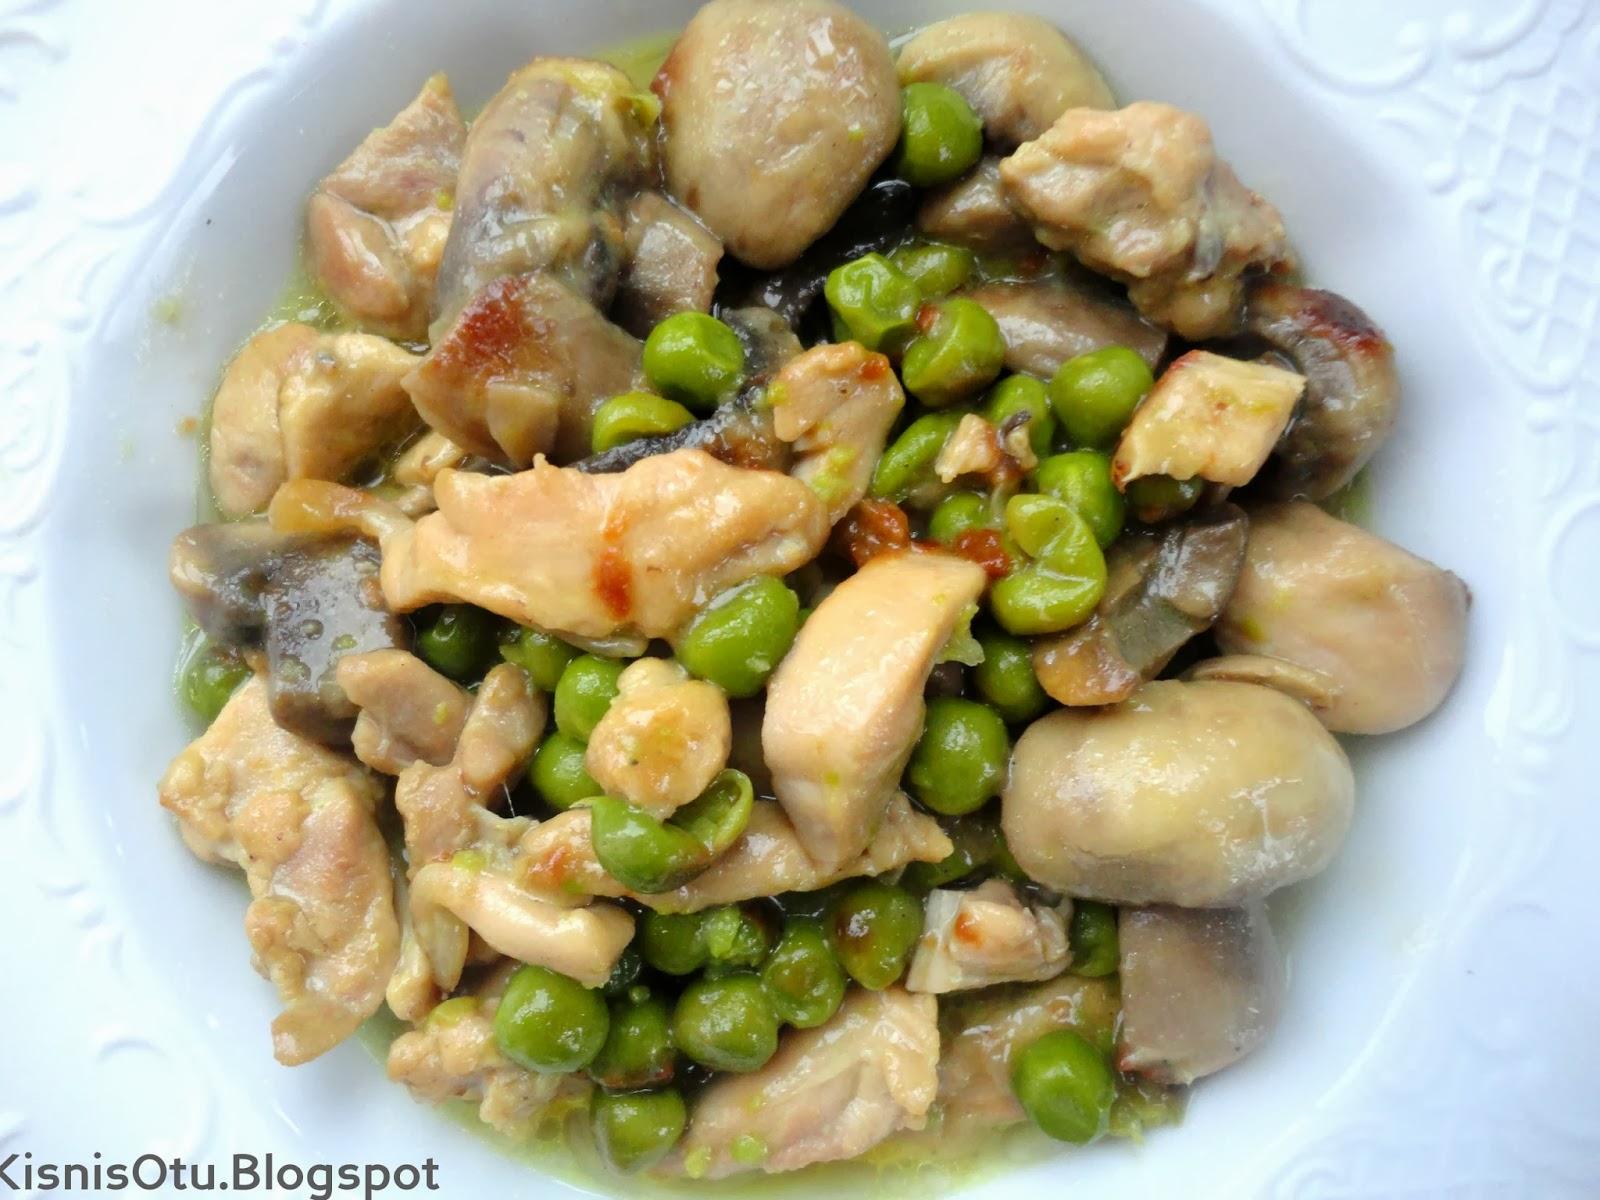 Bezelyeli, Kremalı, Tavuk, Tarifi, Yemek, Tarifleri, Körili tavuk tarifi, Kişniş